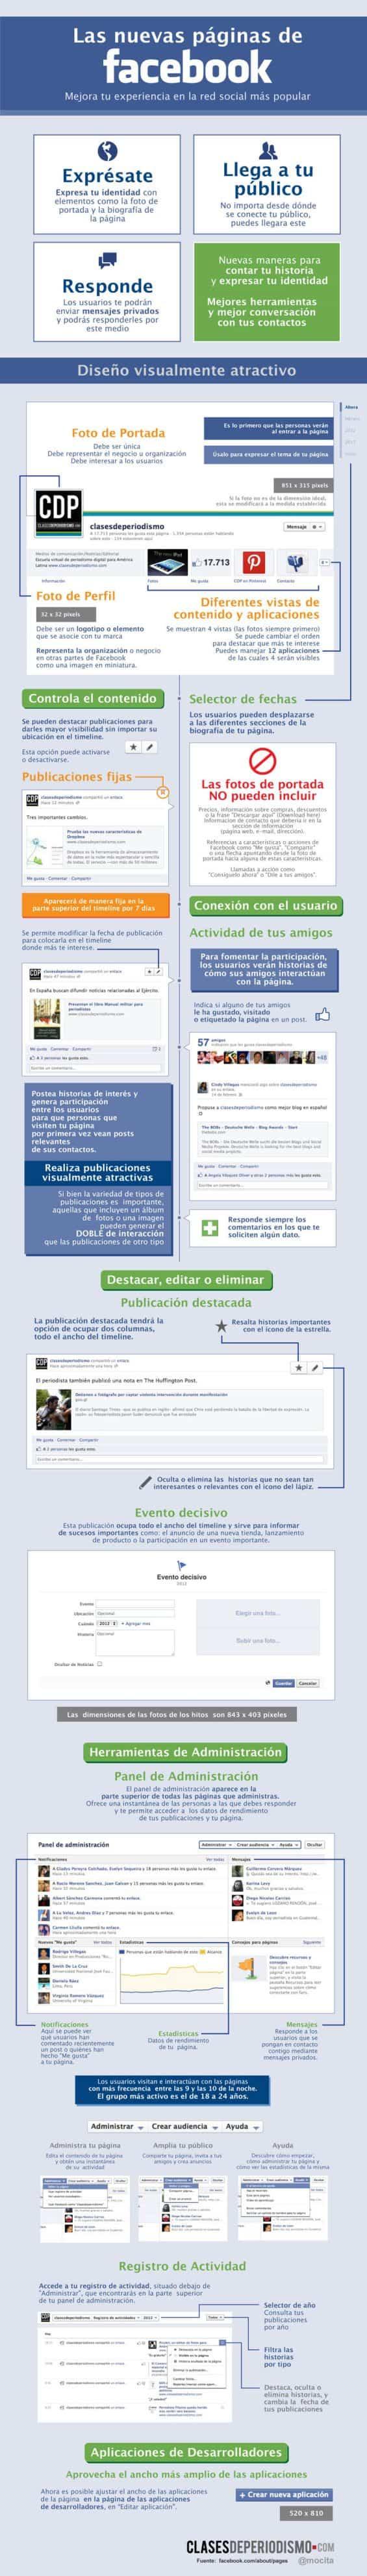 nuevas paginas de facebook